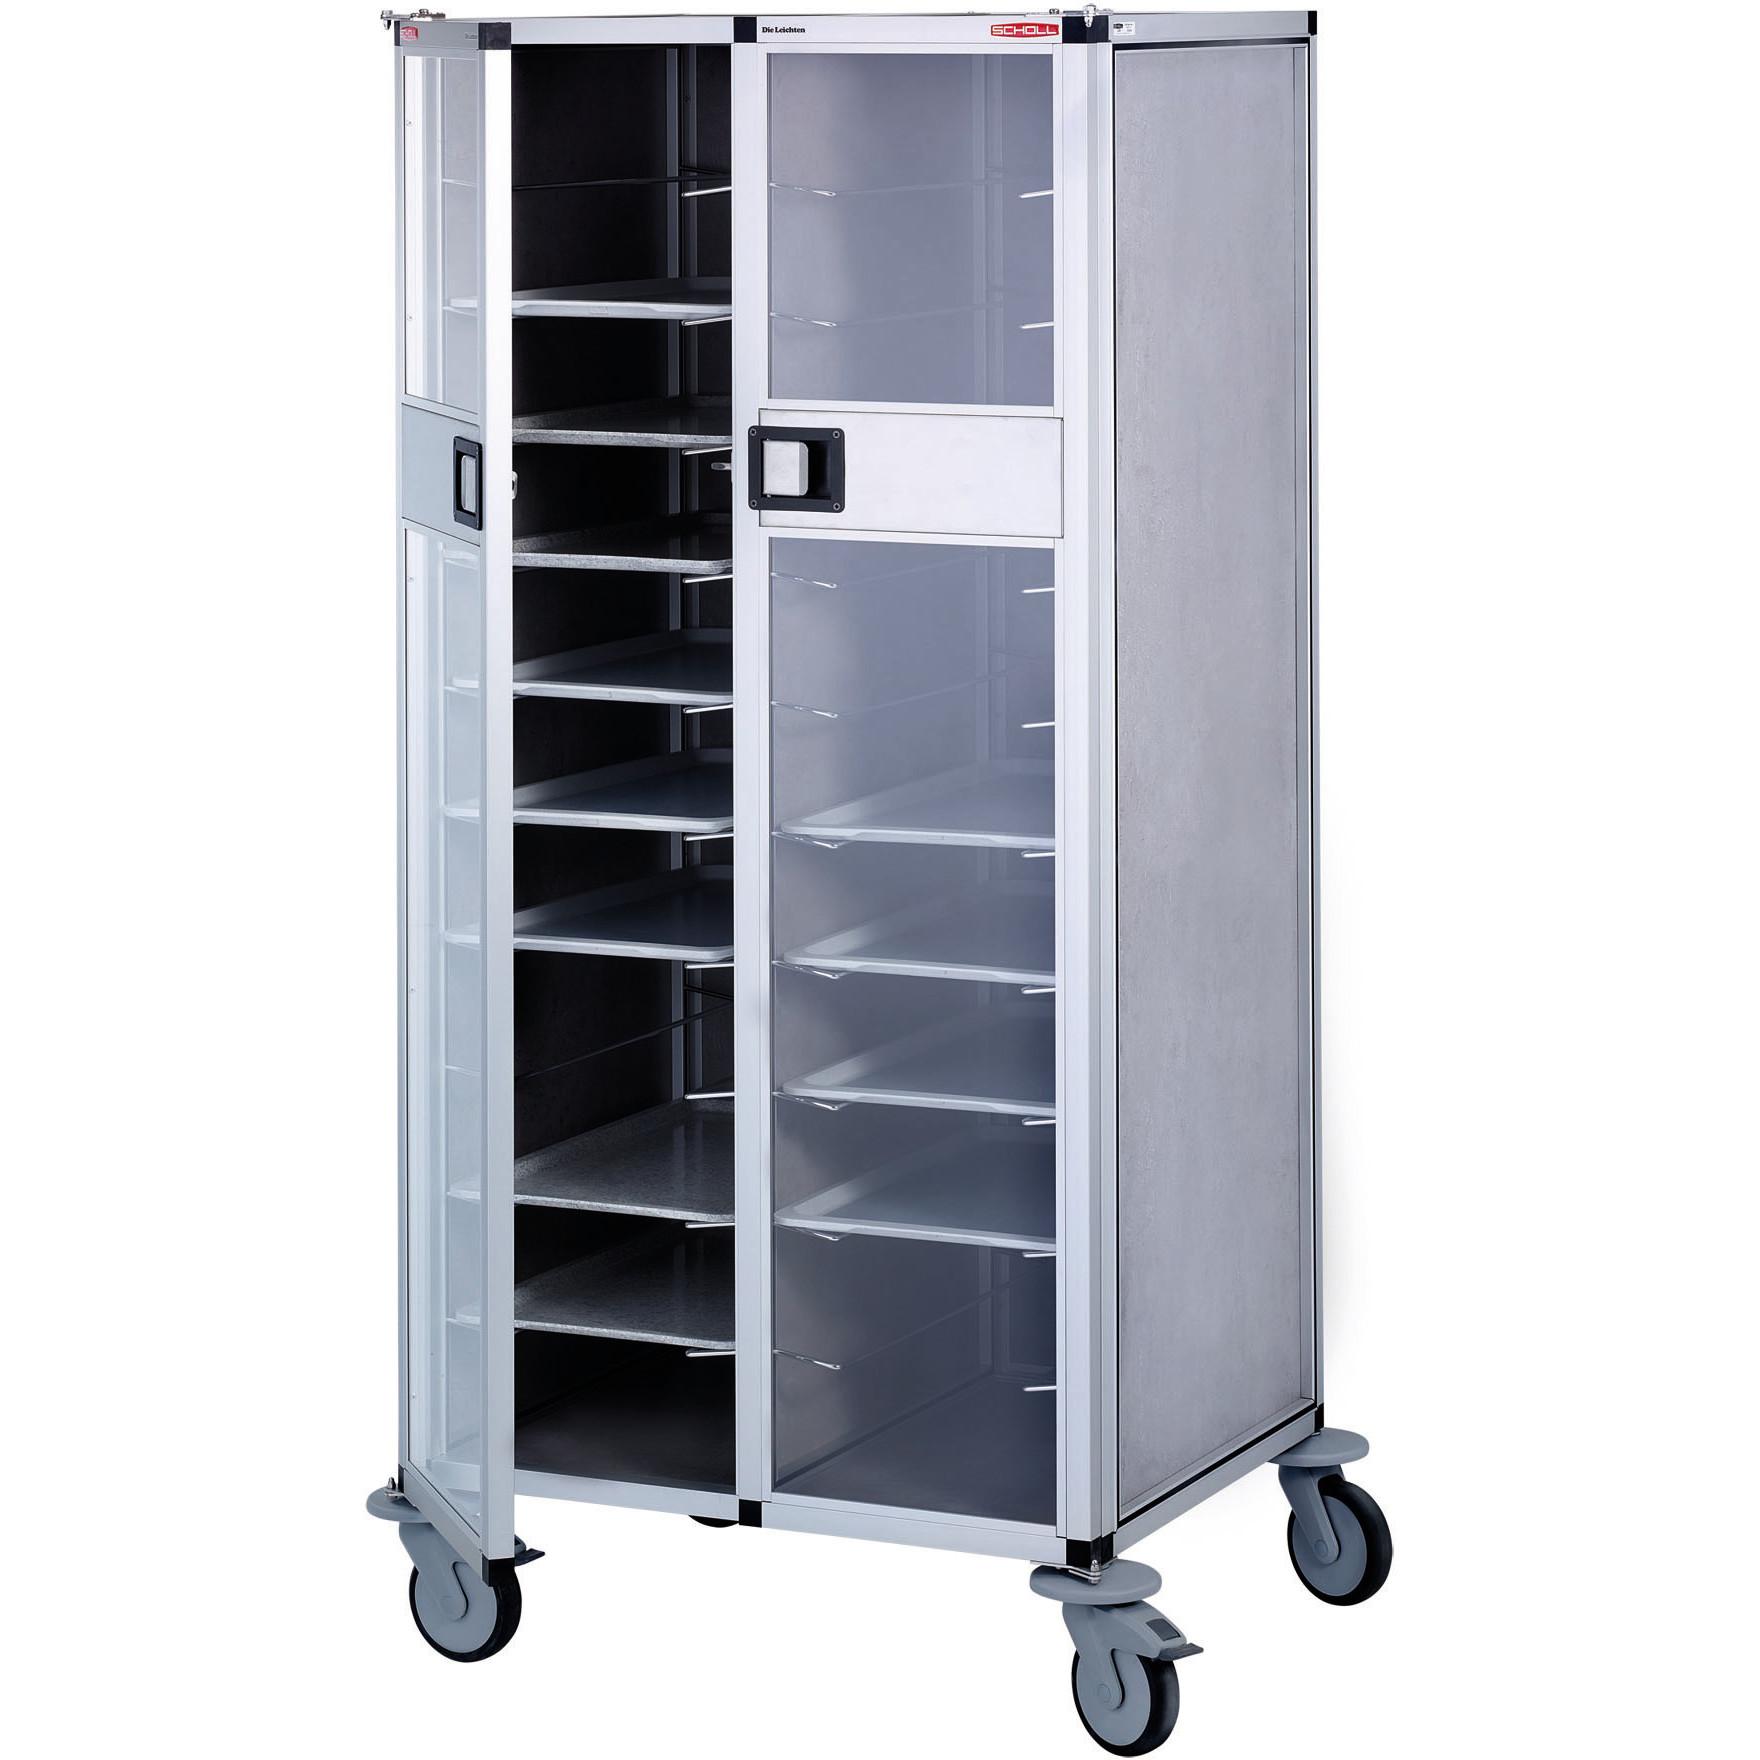 Tablett-Abräumwagen 2-teilig mit Türen / für 22 GN-Tabletts / 100 mm Abstand